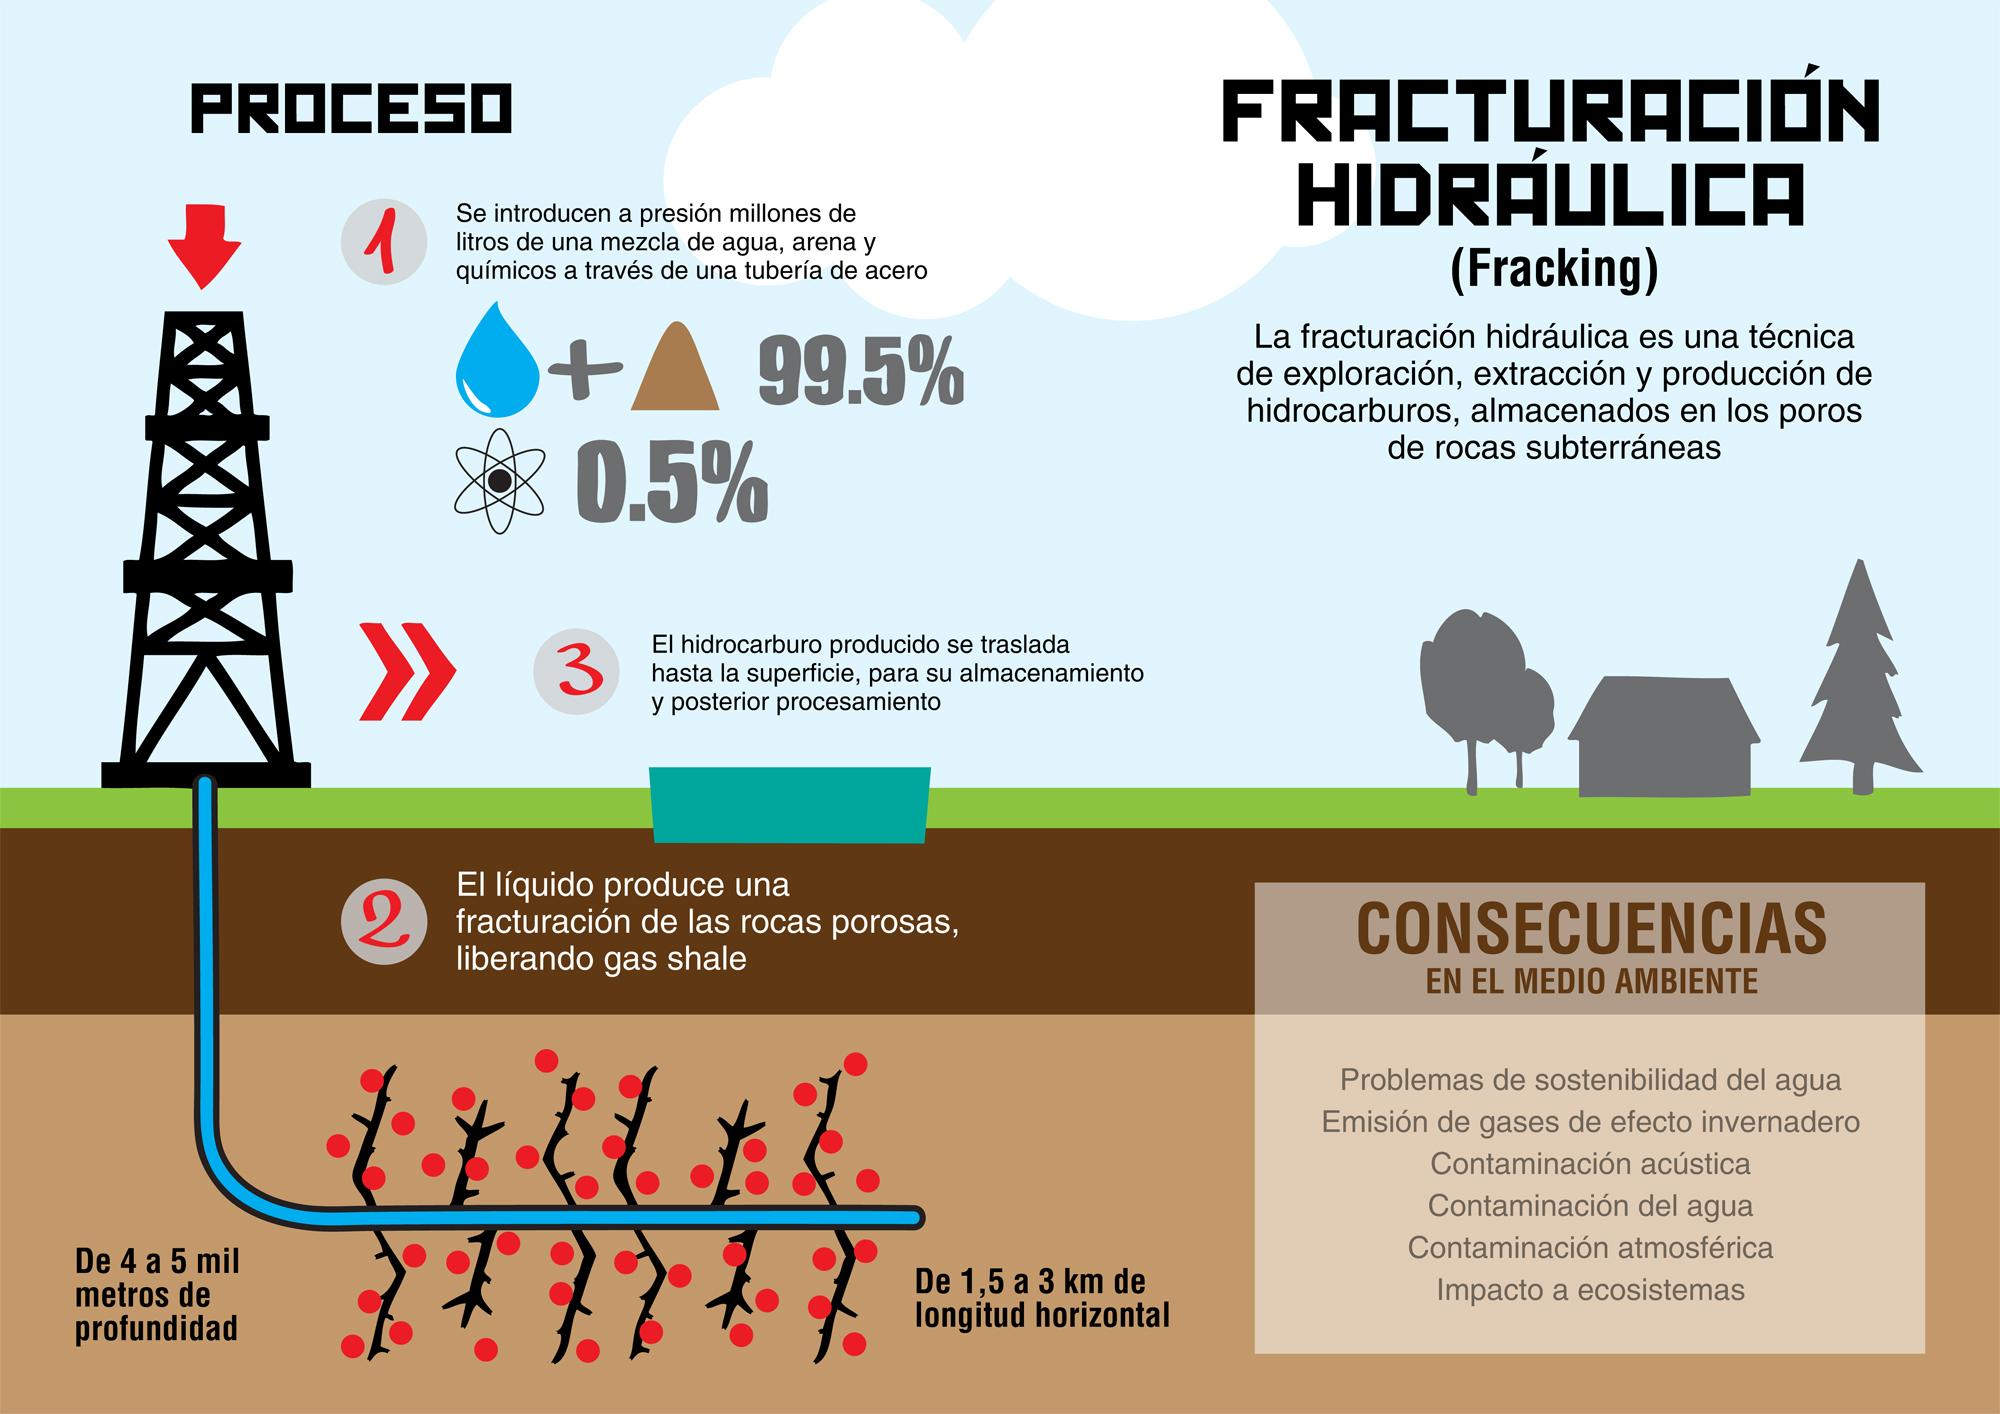 La prohibición del fracking podría tener un efecto dominó en la subida de la gasolina. Fracking